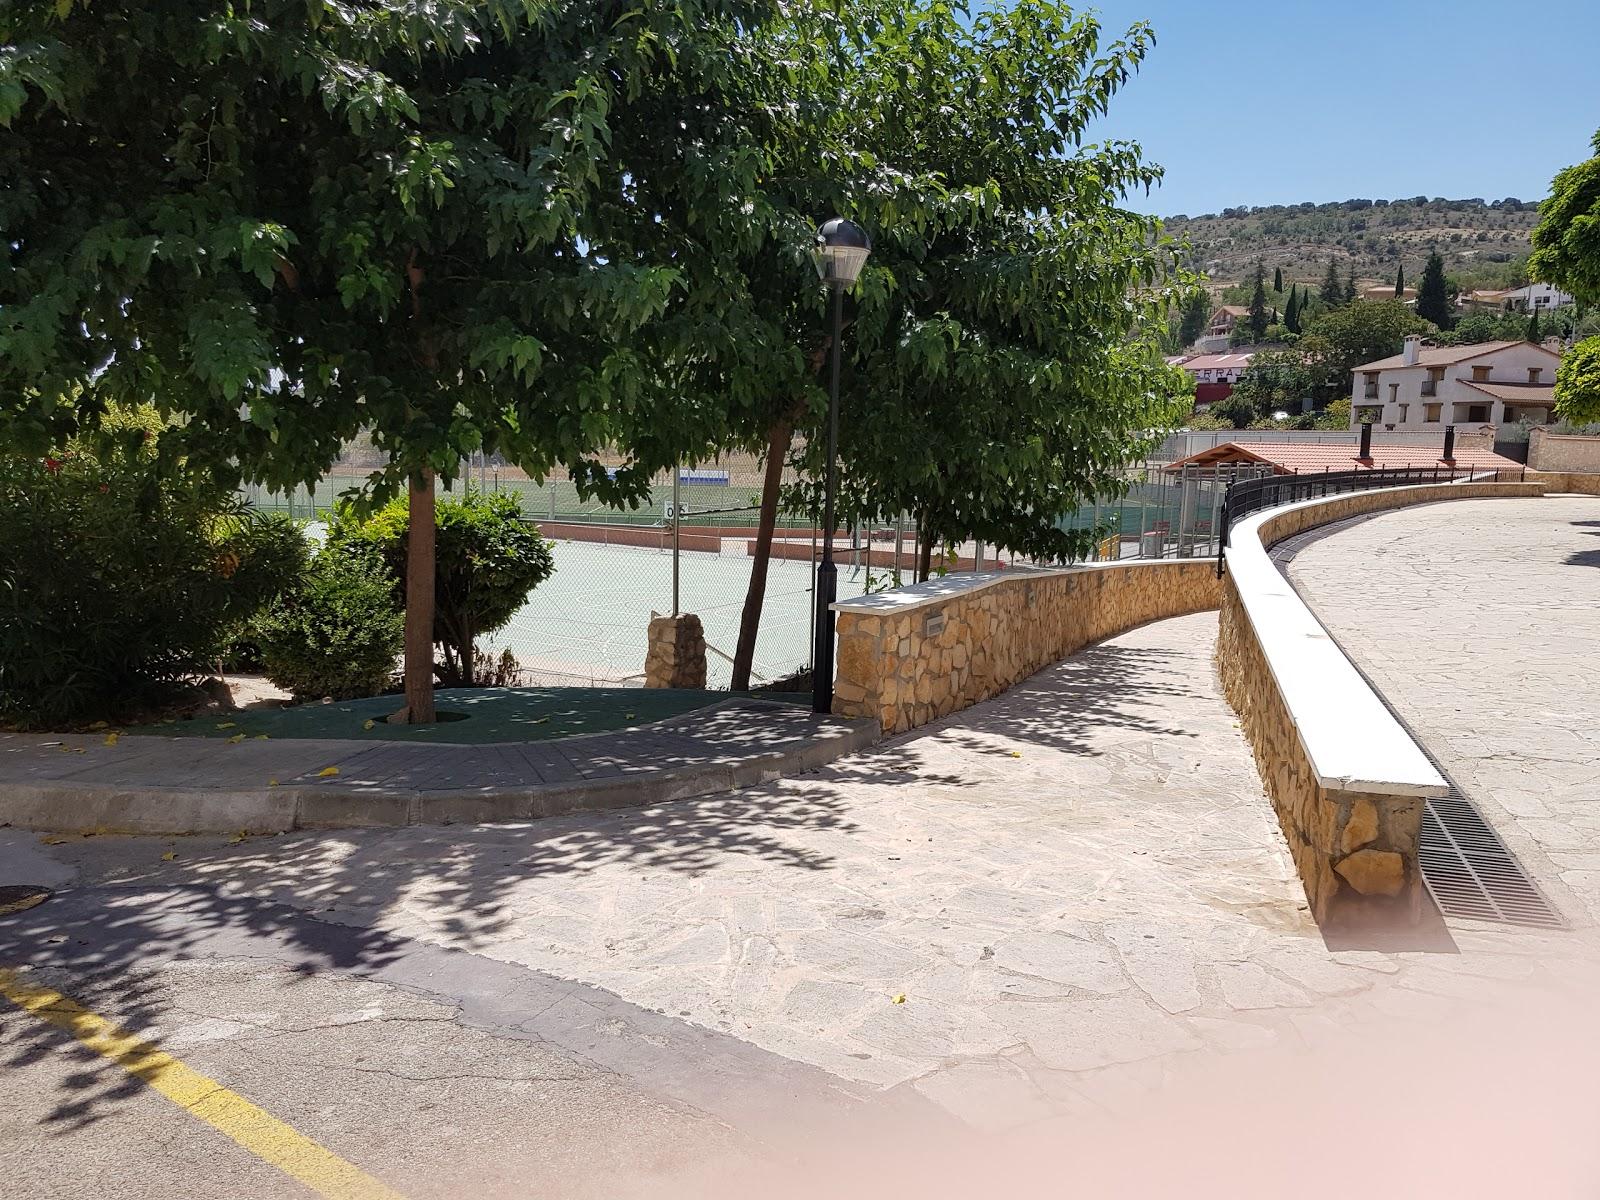 Villar del Olmo